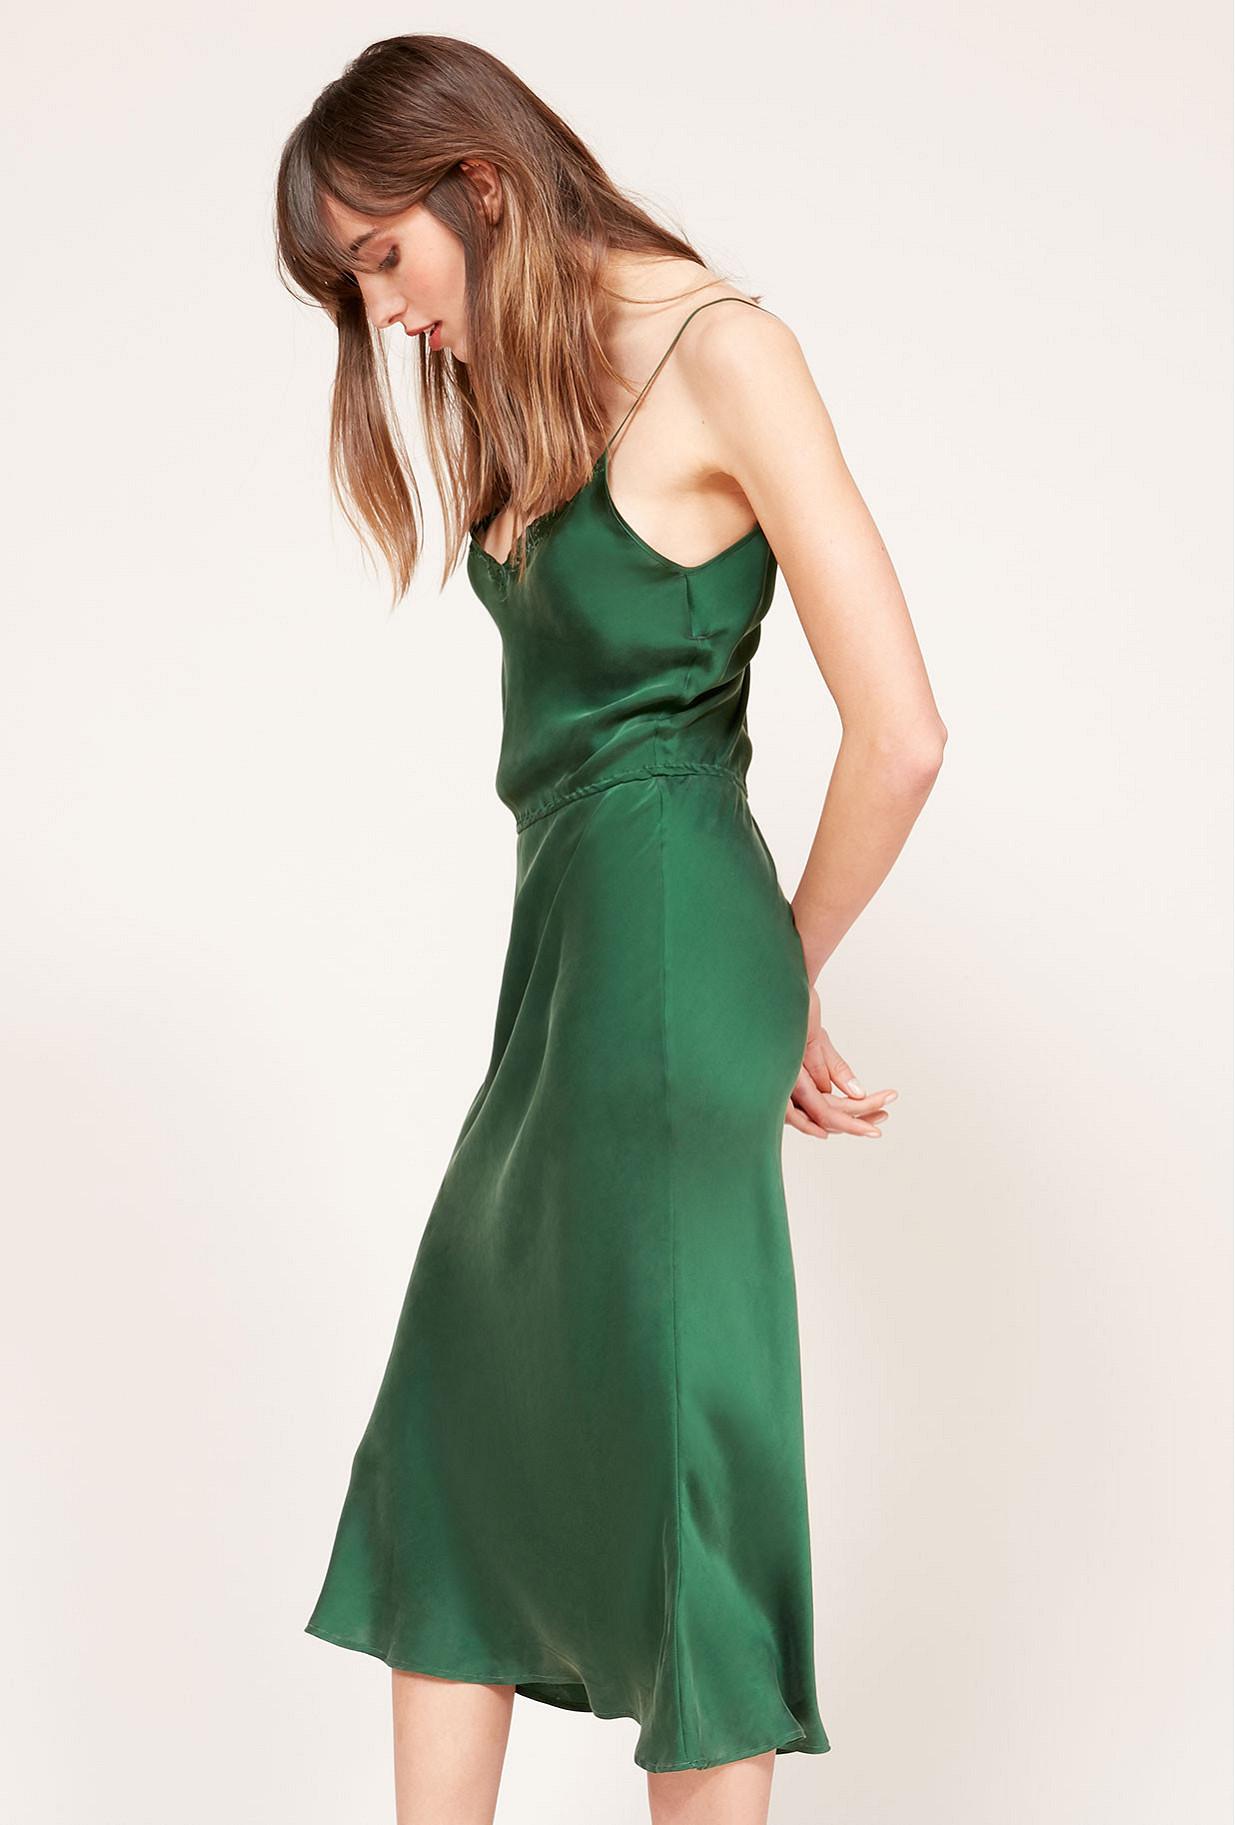 Robe Vert  Ana mes demoiselles paris vêtement femme paris